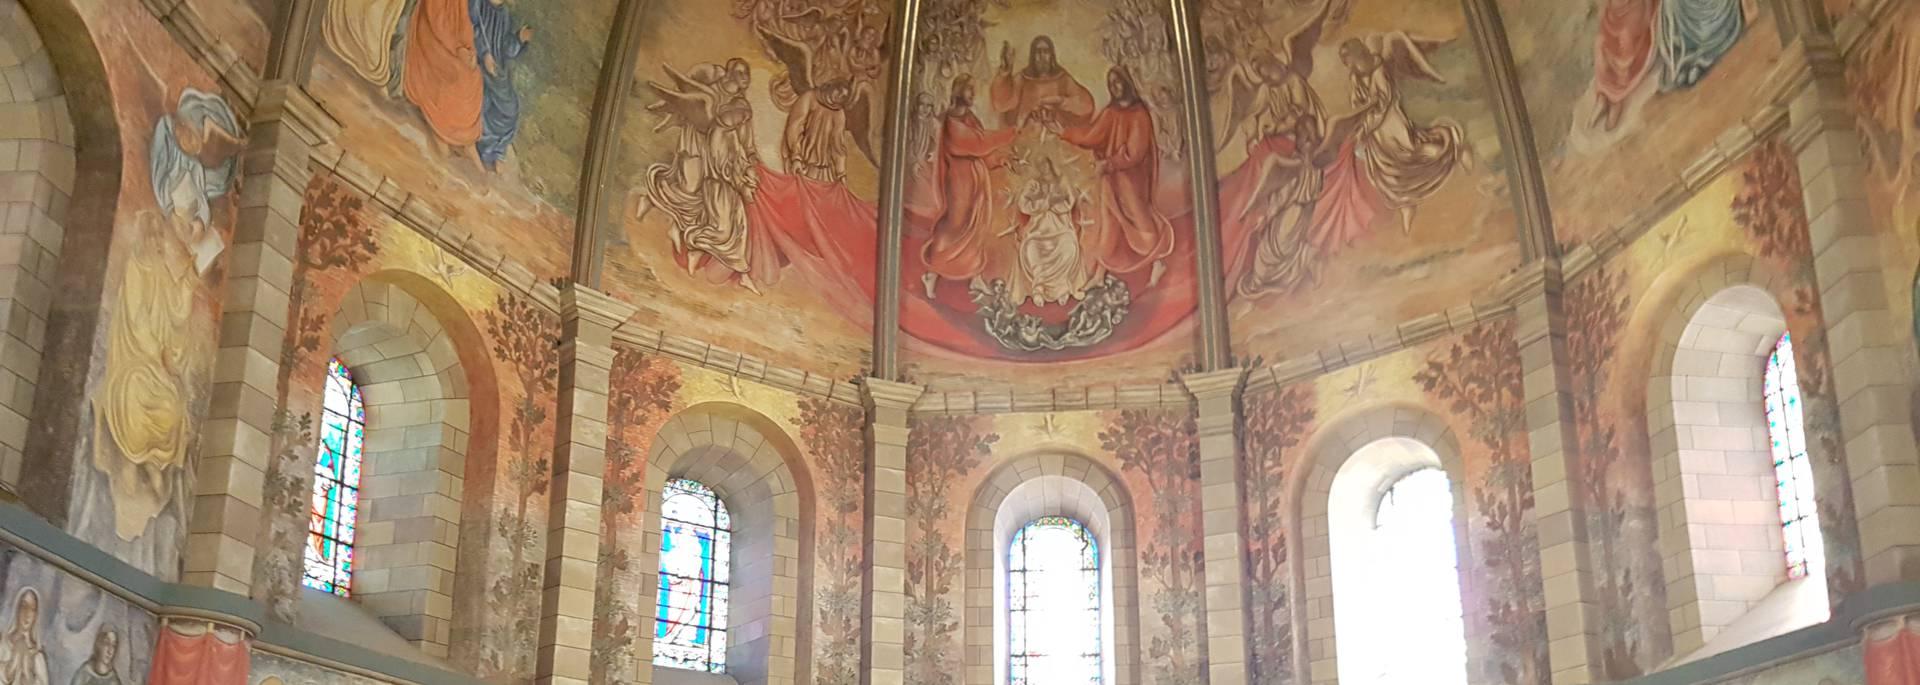 Fresques à l'Eglise Notre Dame de l'Espinasse